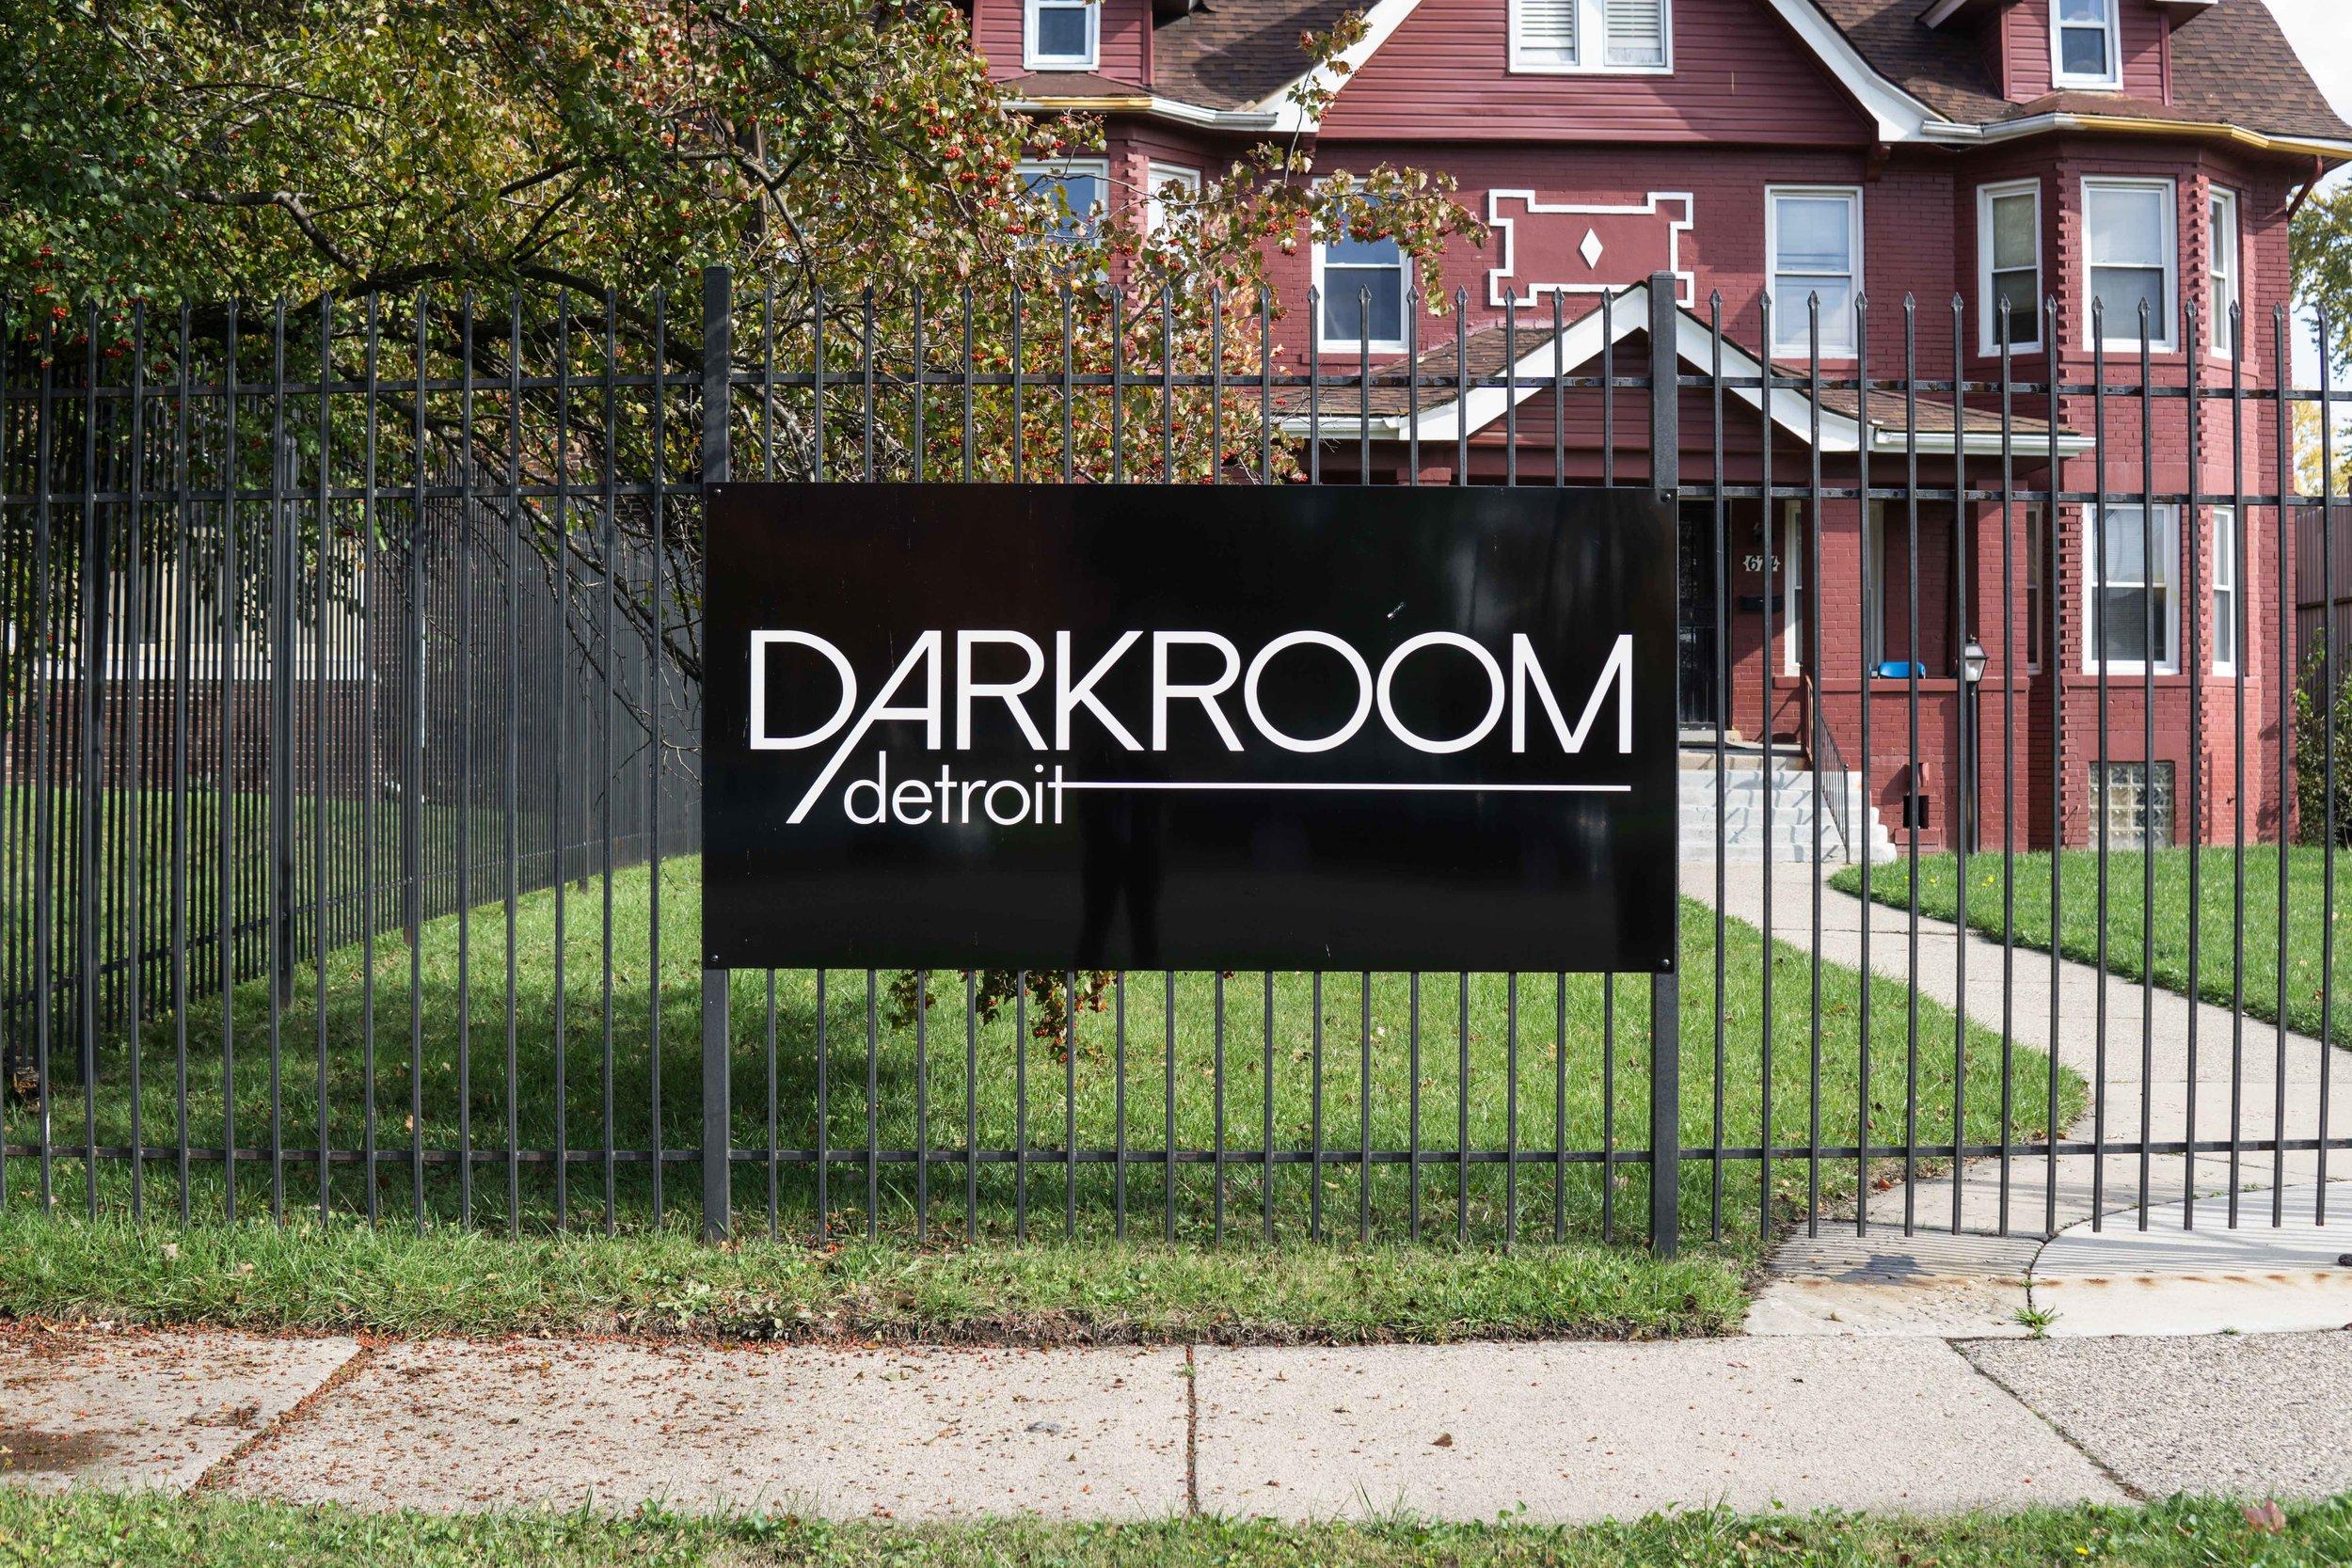 Front of Darkroom Detroit